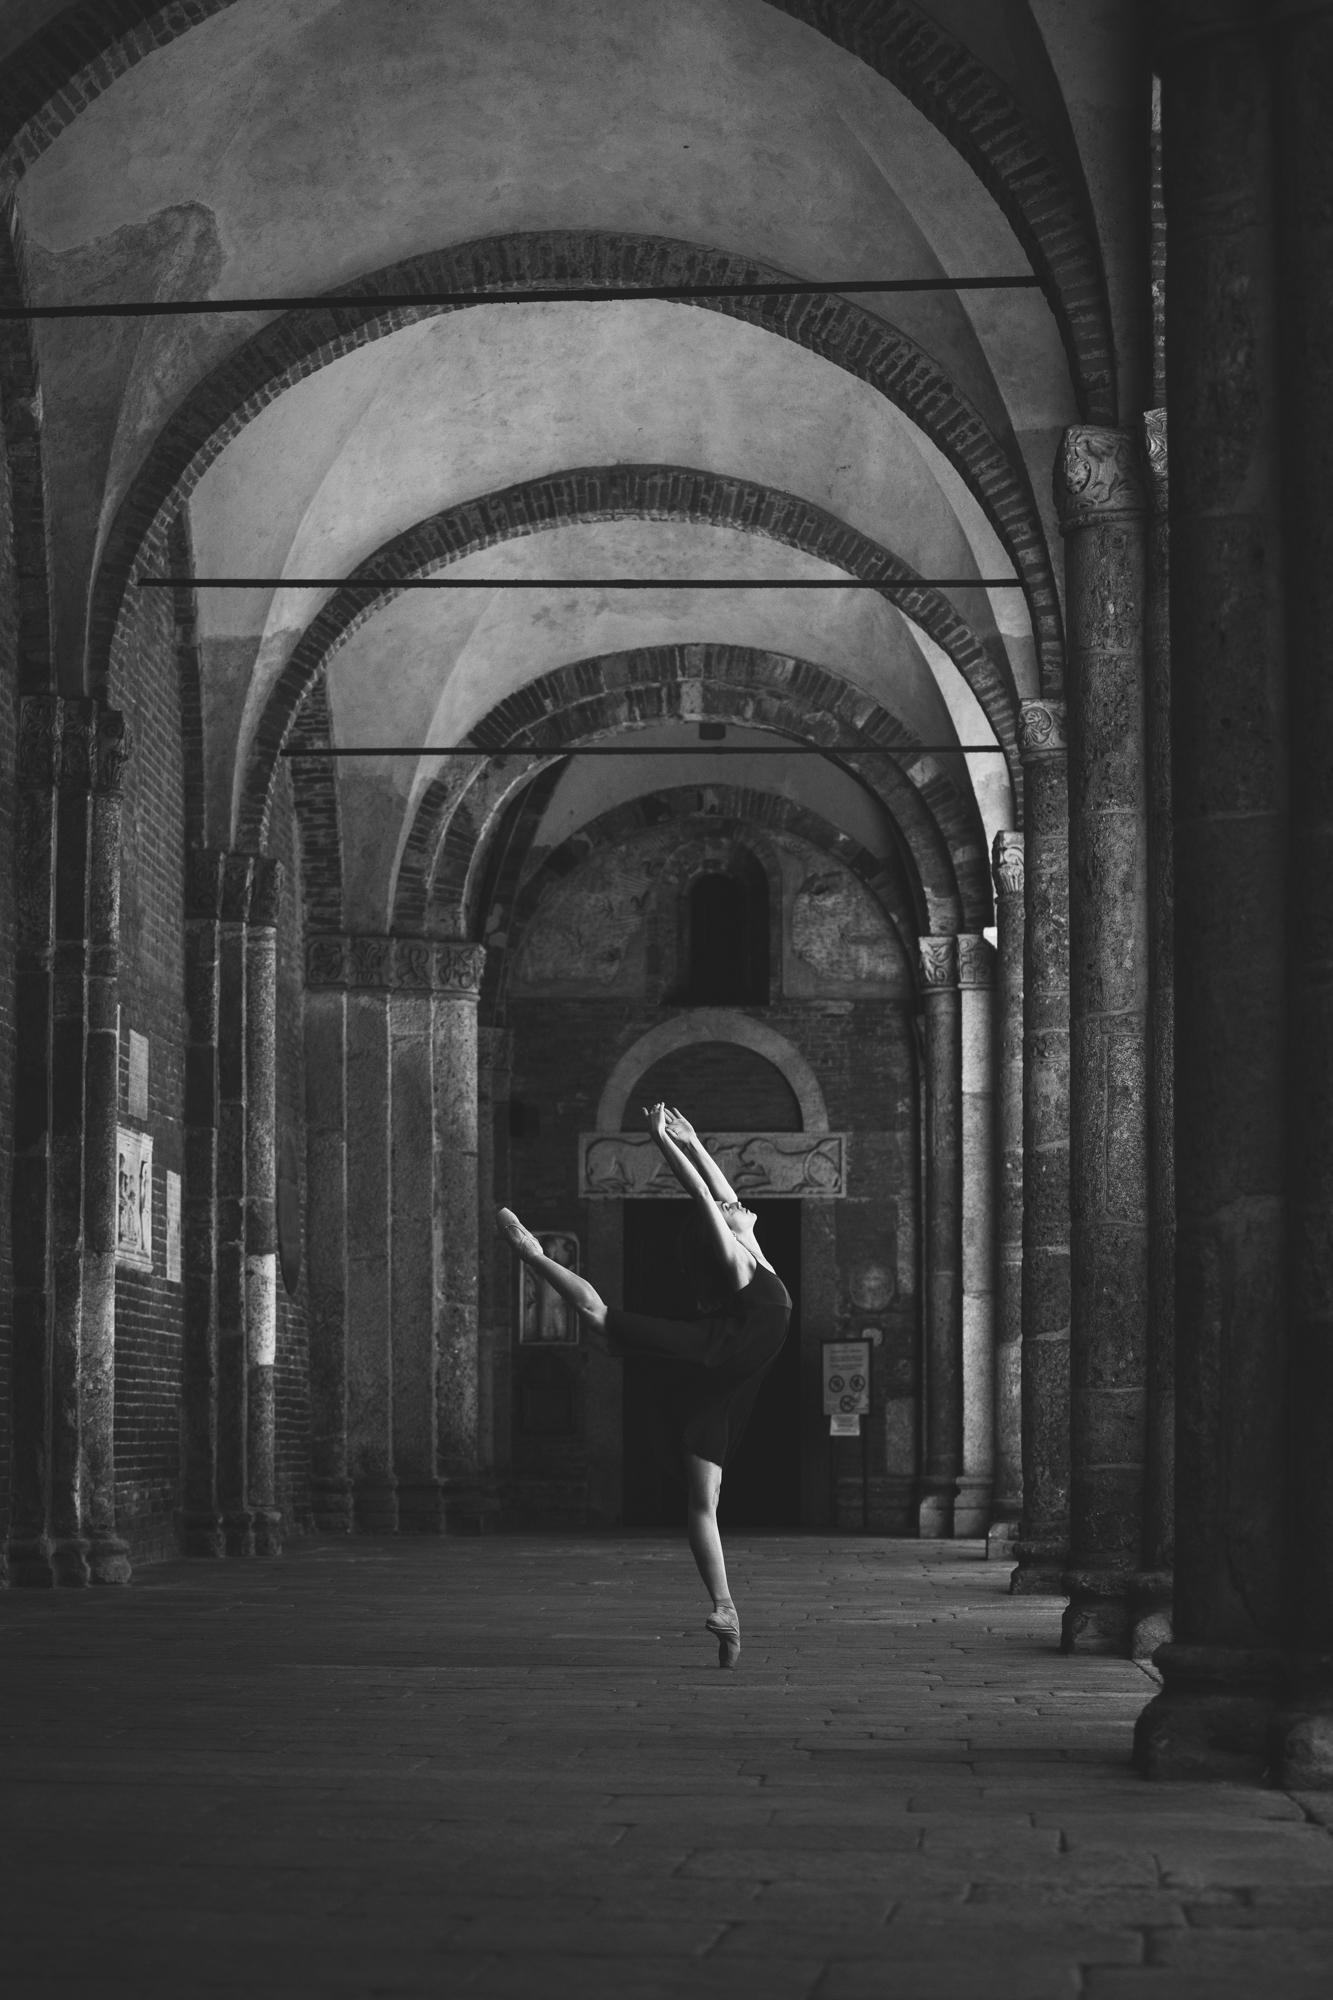 Sveva_ballerina-5